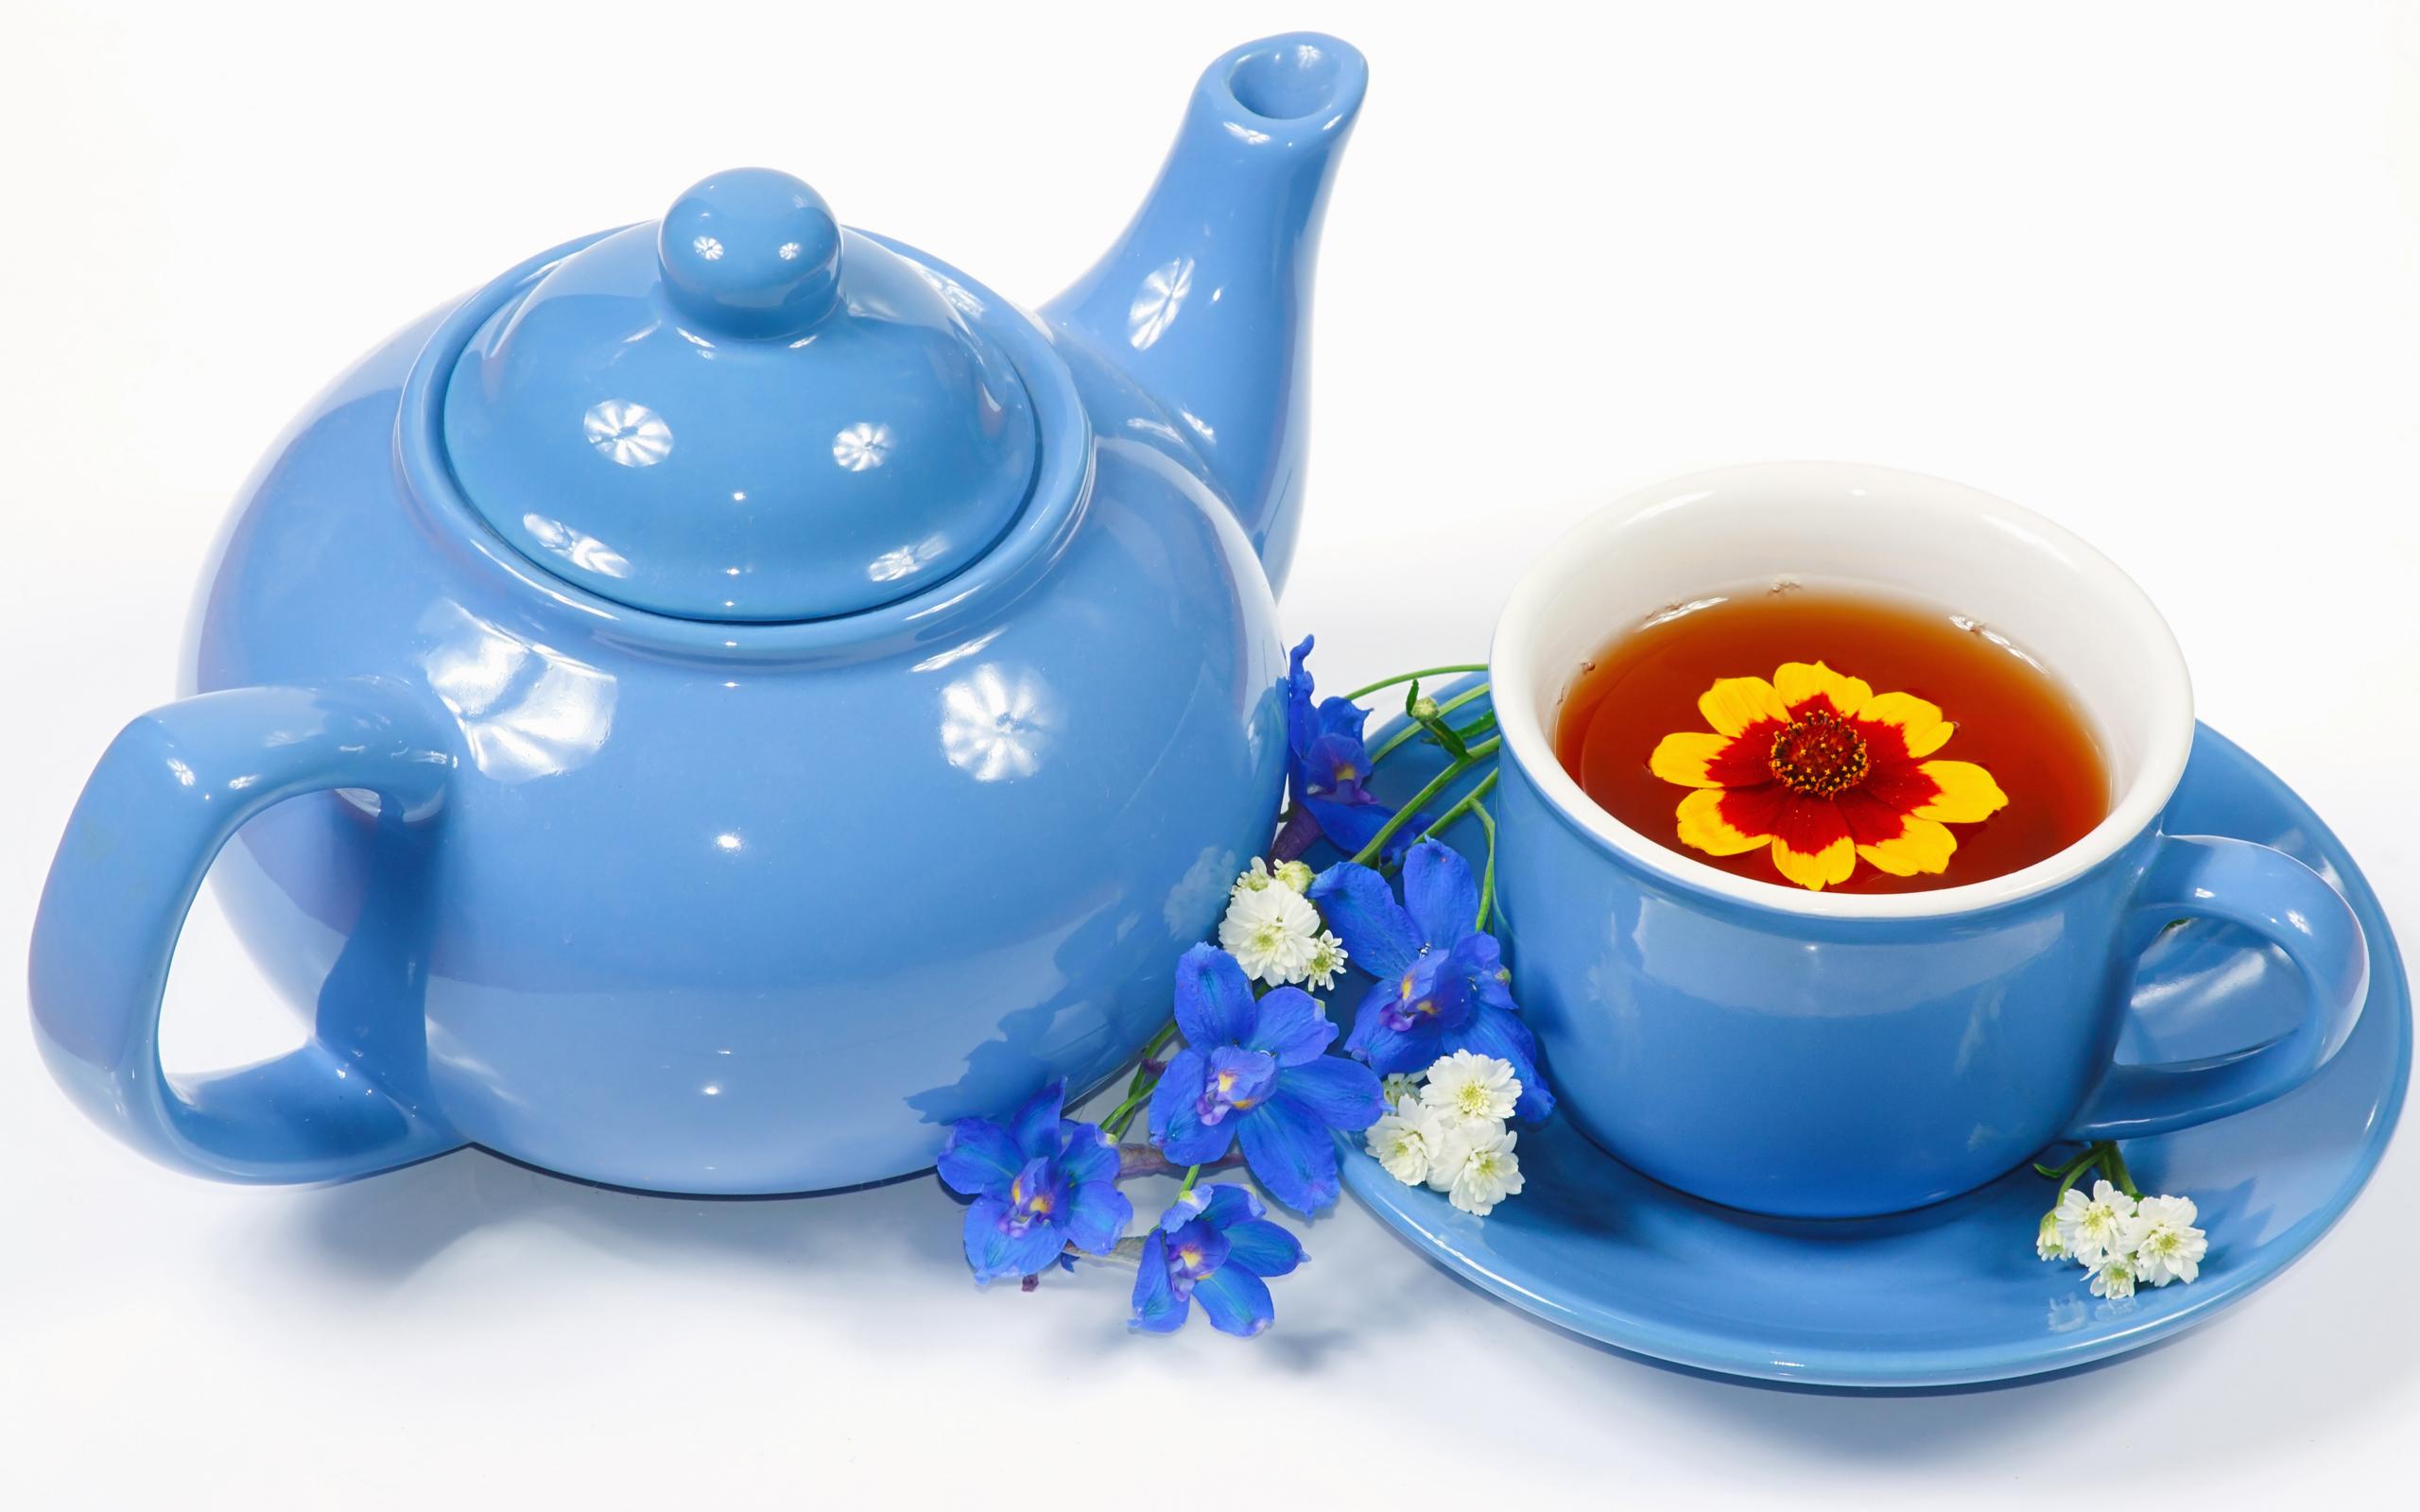 Cute Tea Wallpaper cute tea wallpaper 1920x1200 #33484 #7358